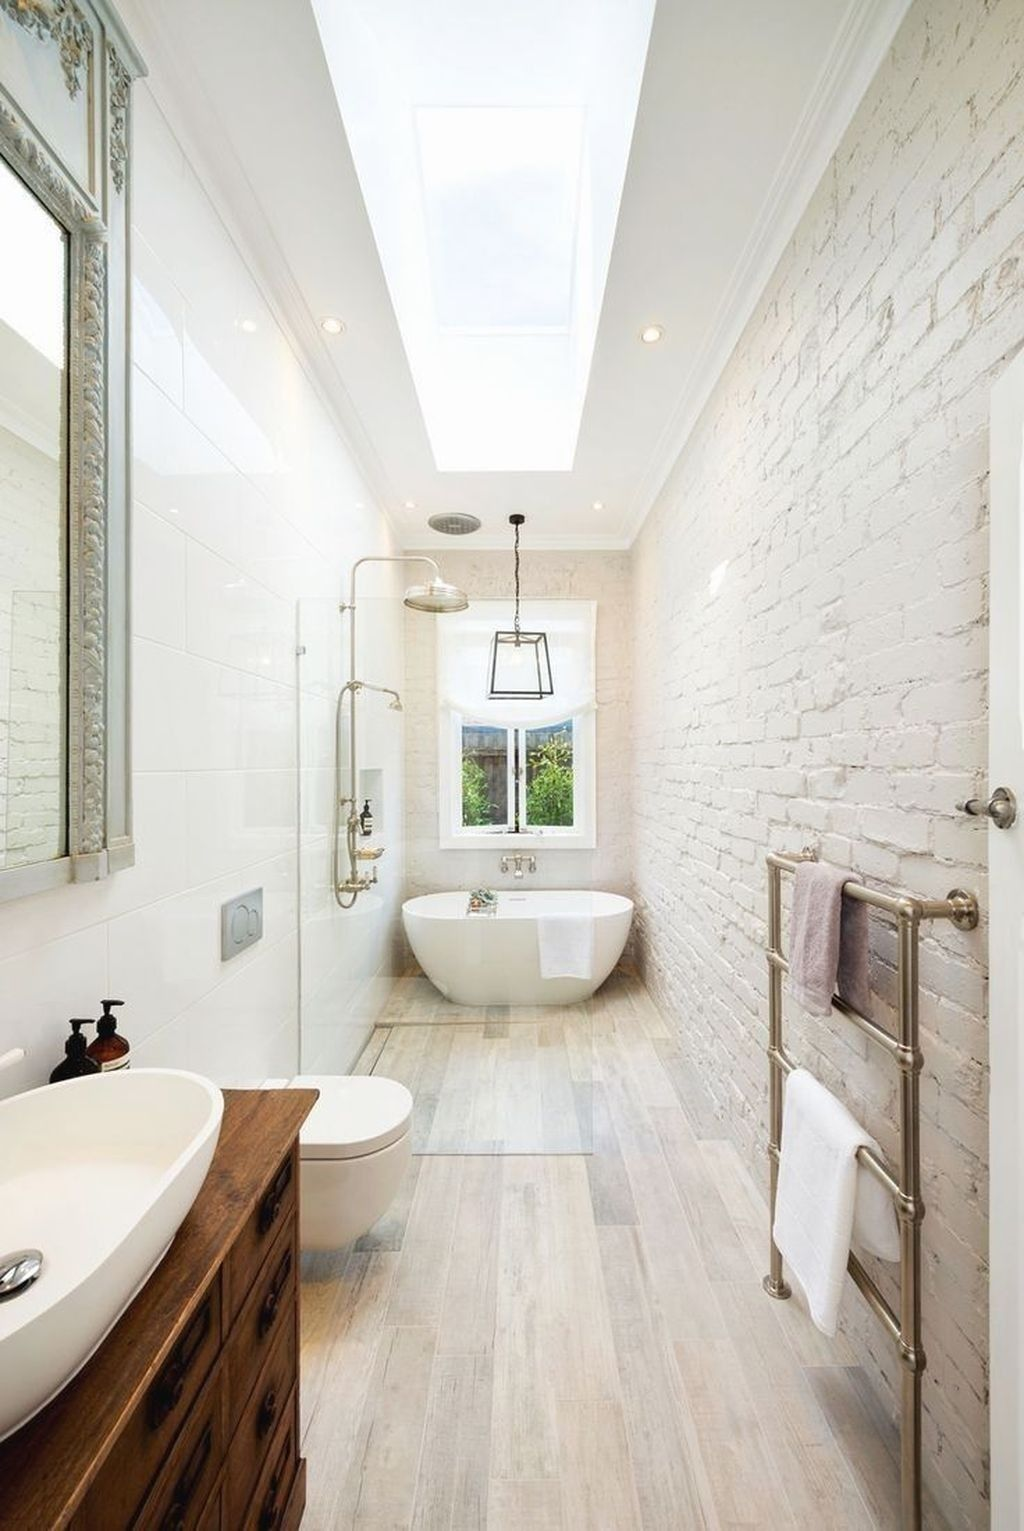 46 Nice Bathroom Remodel Designs Ideas Bathroom Bathroomdesign Bathroomdesignideas Small Bathroom Layout Small Narrow Bathroom Narrow Bathroom Designs